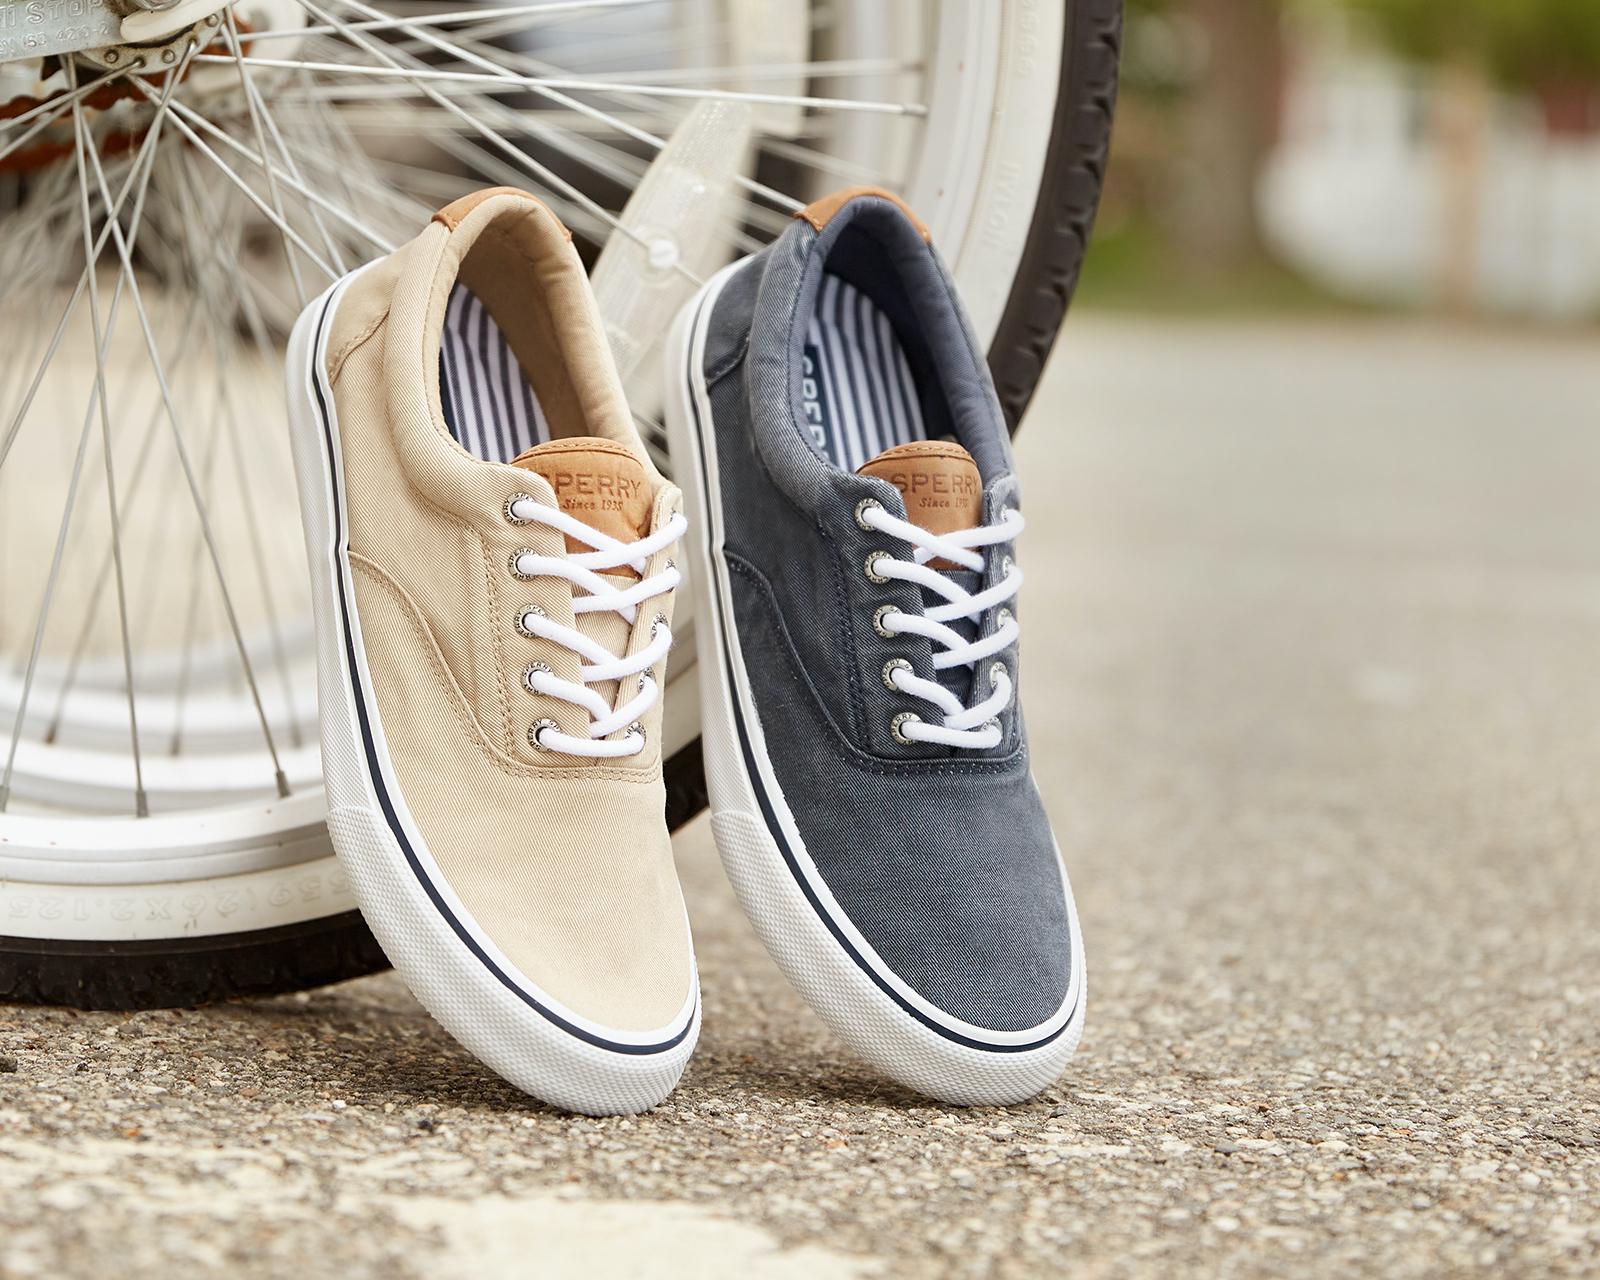 Sperry sneakers.